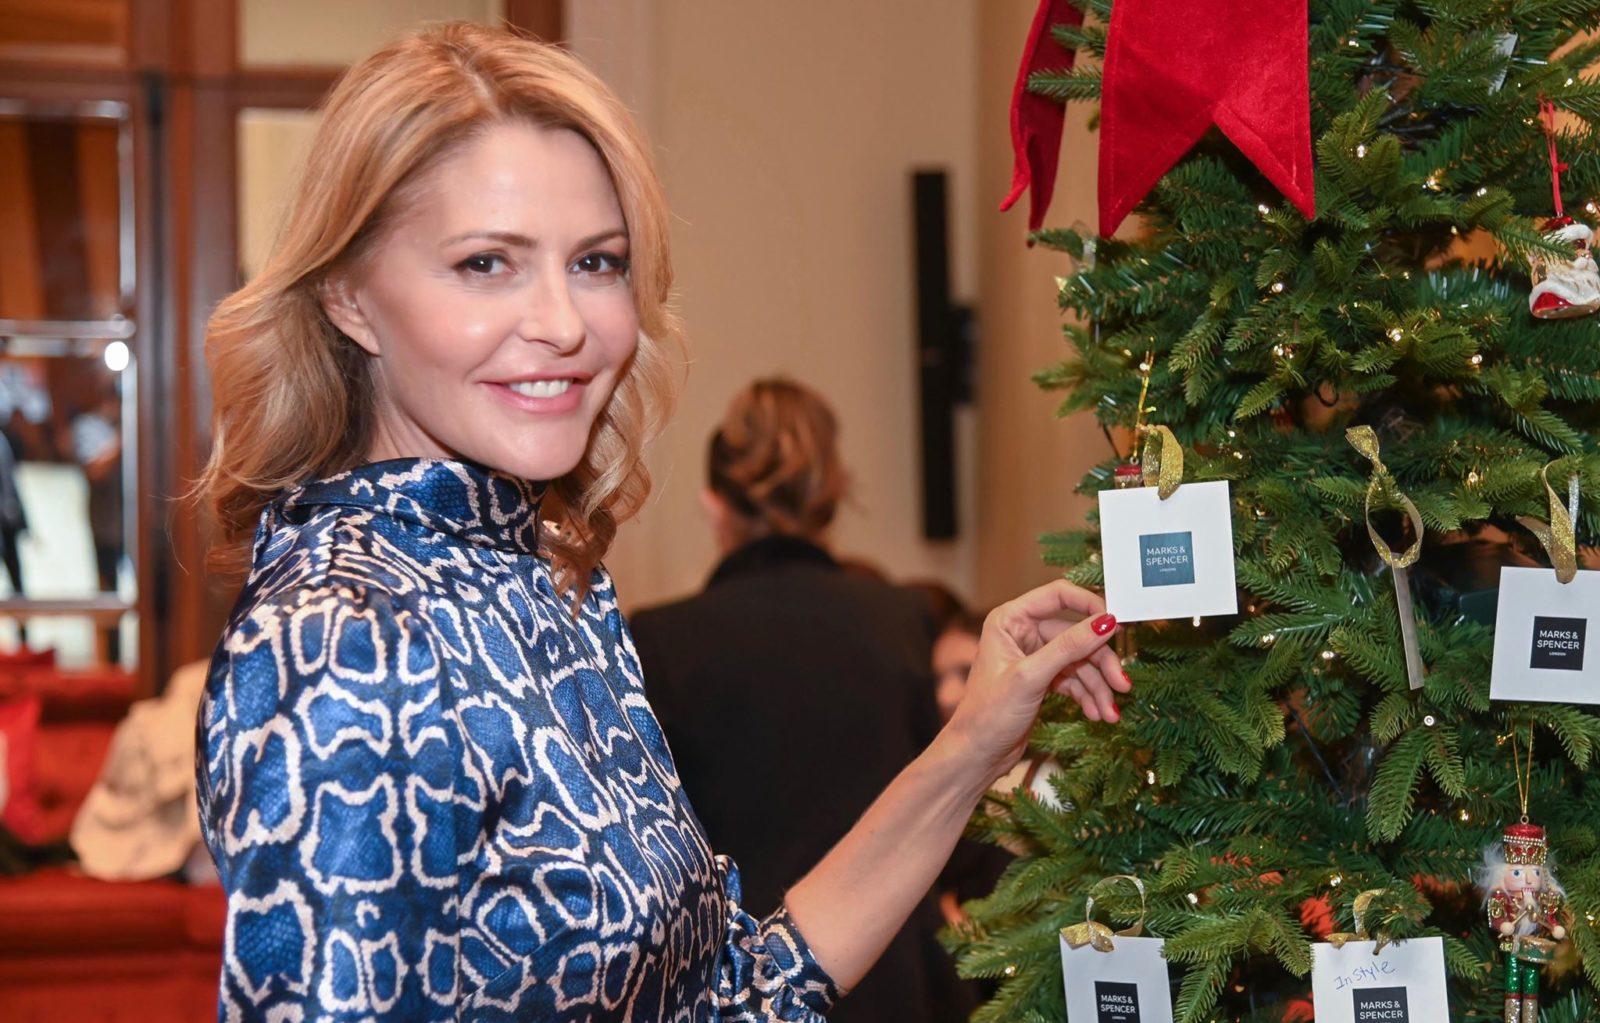 Η Τζένη Μπαλατσινού σχεδίασε δική της συλλογή ρούχων